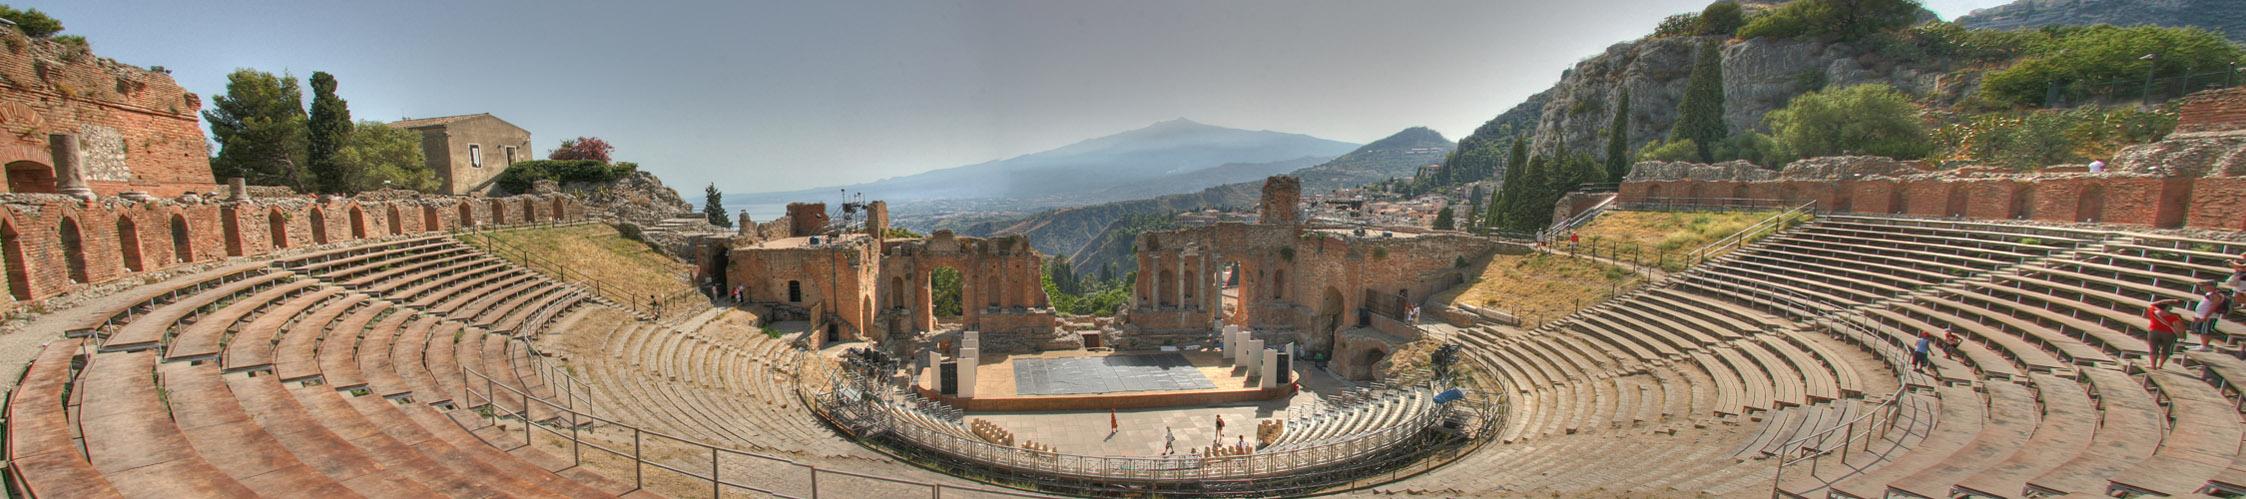 Das Antike Theater von Taormina mit Blick auf den Ätna